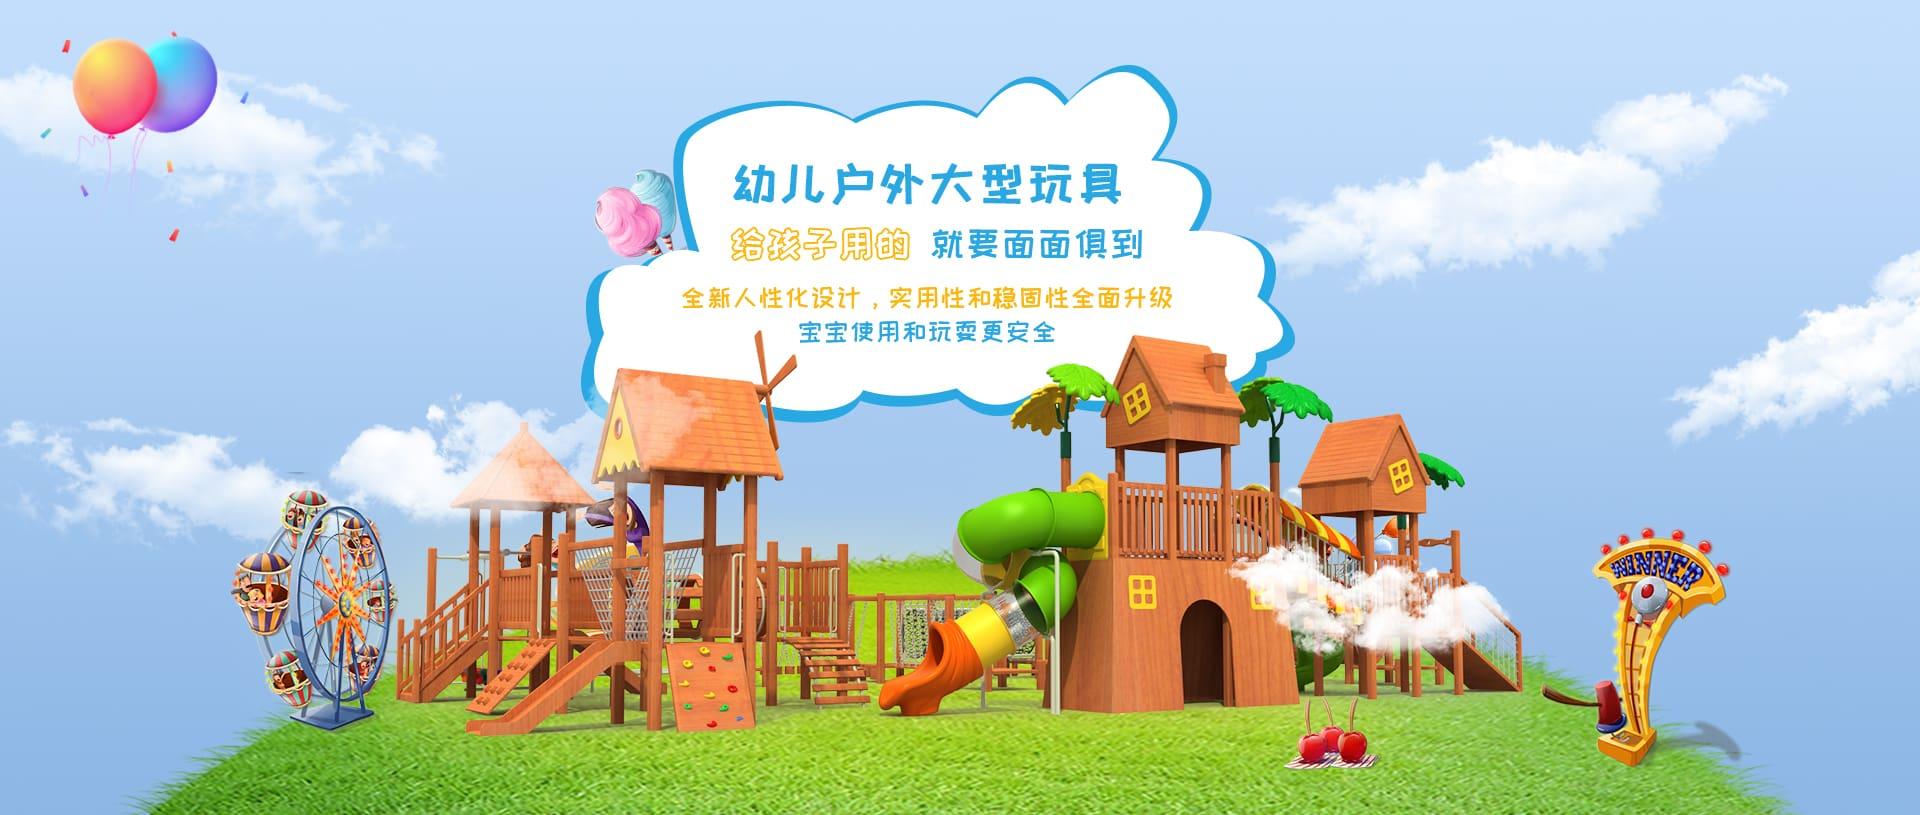 成都幼儿园大型玩具